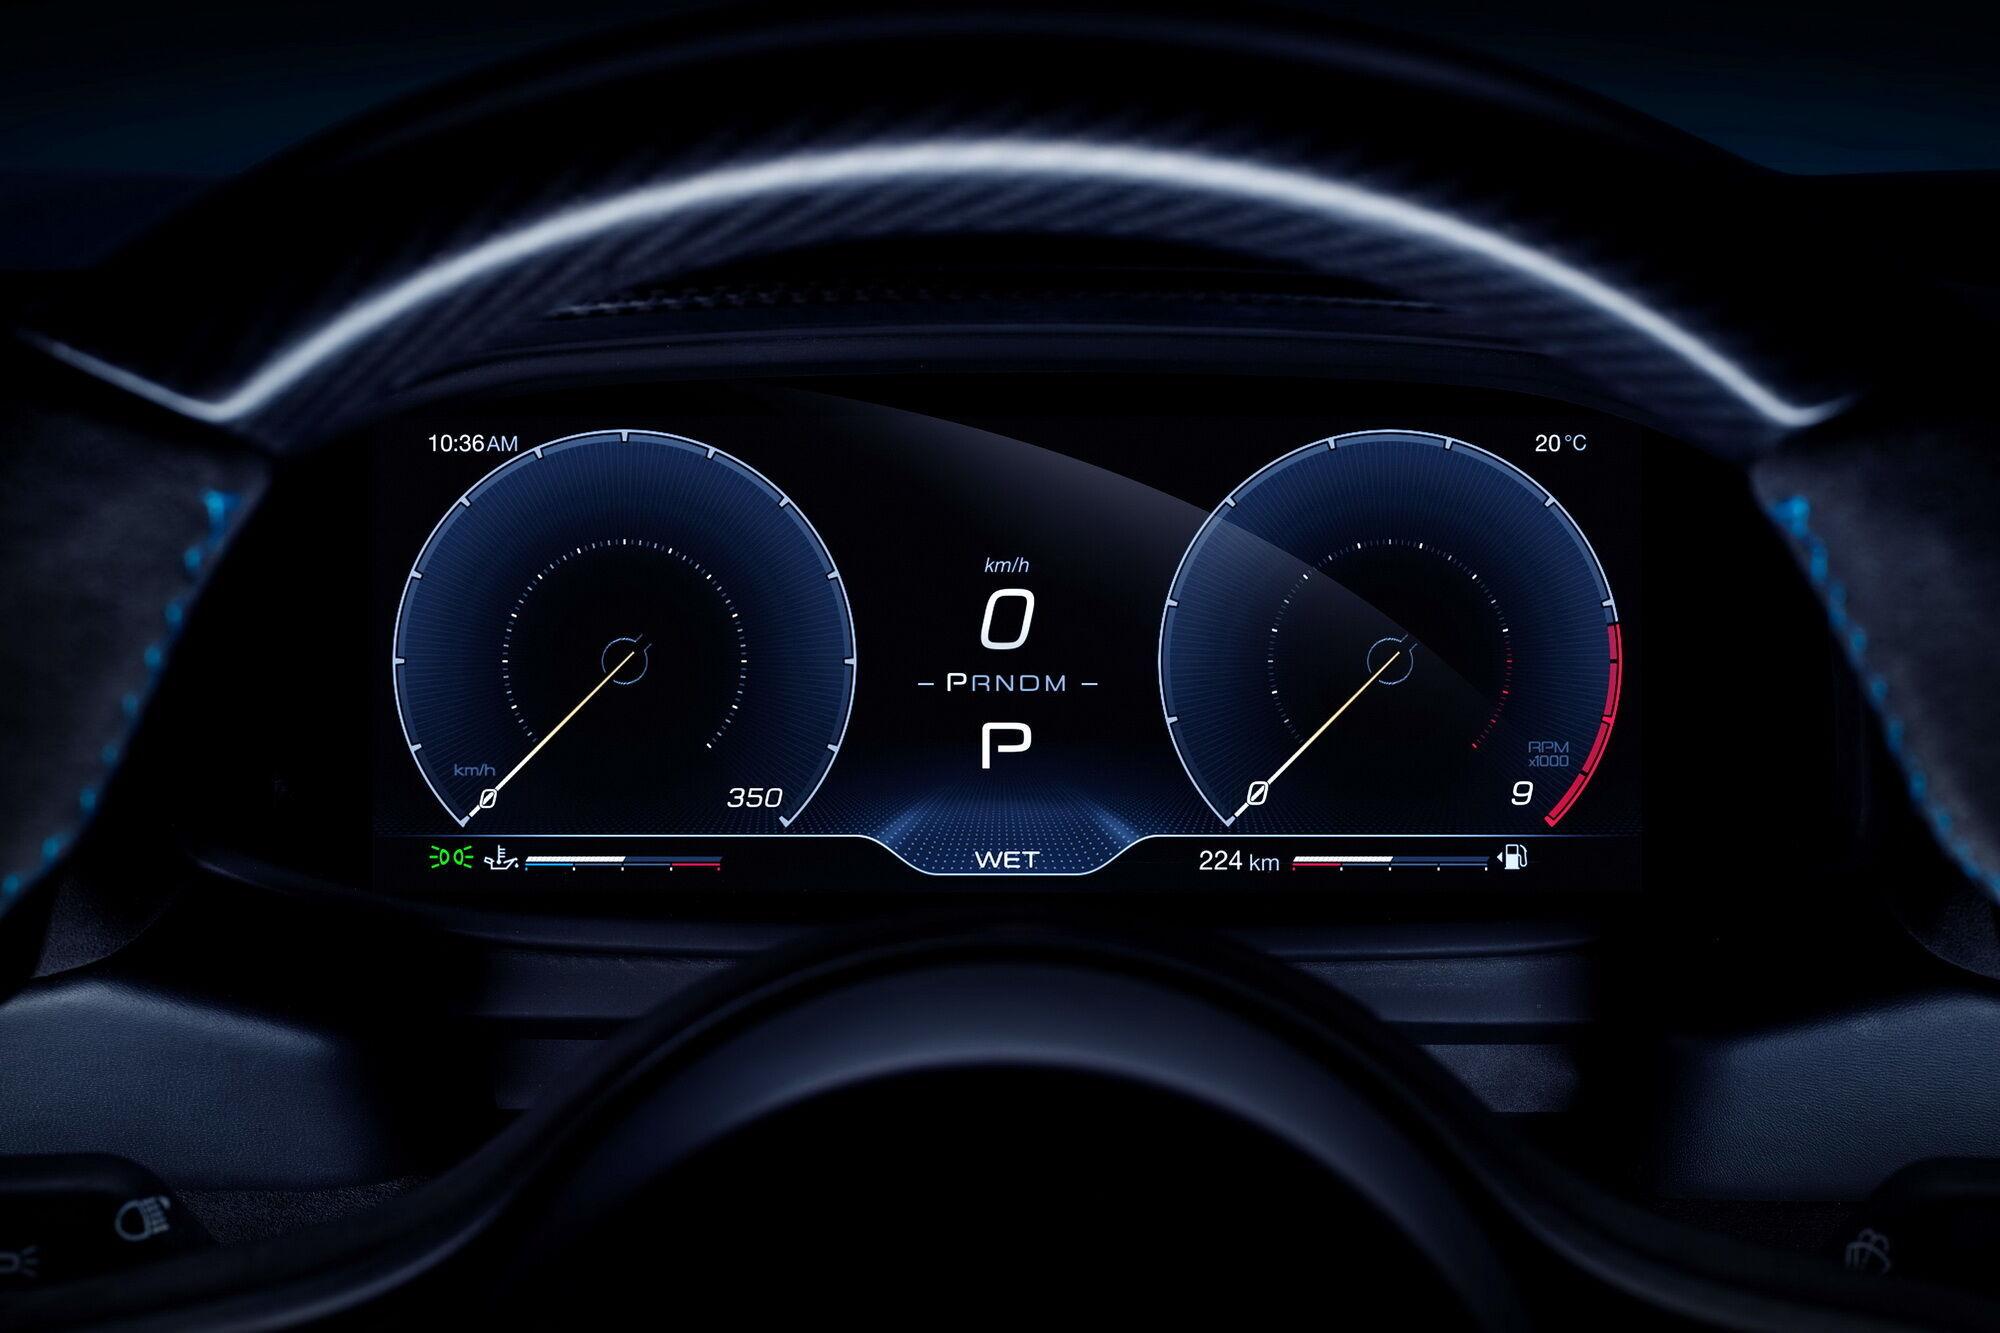 Maserati MC20 получил полностью цифровой кокпит. Фото: